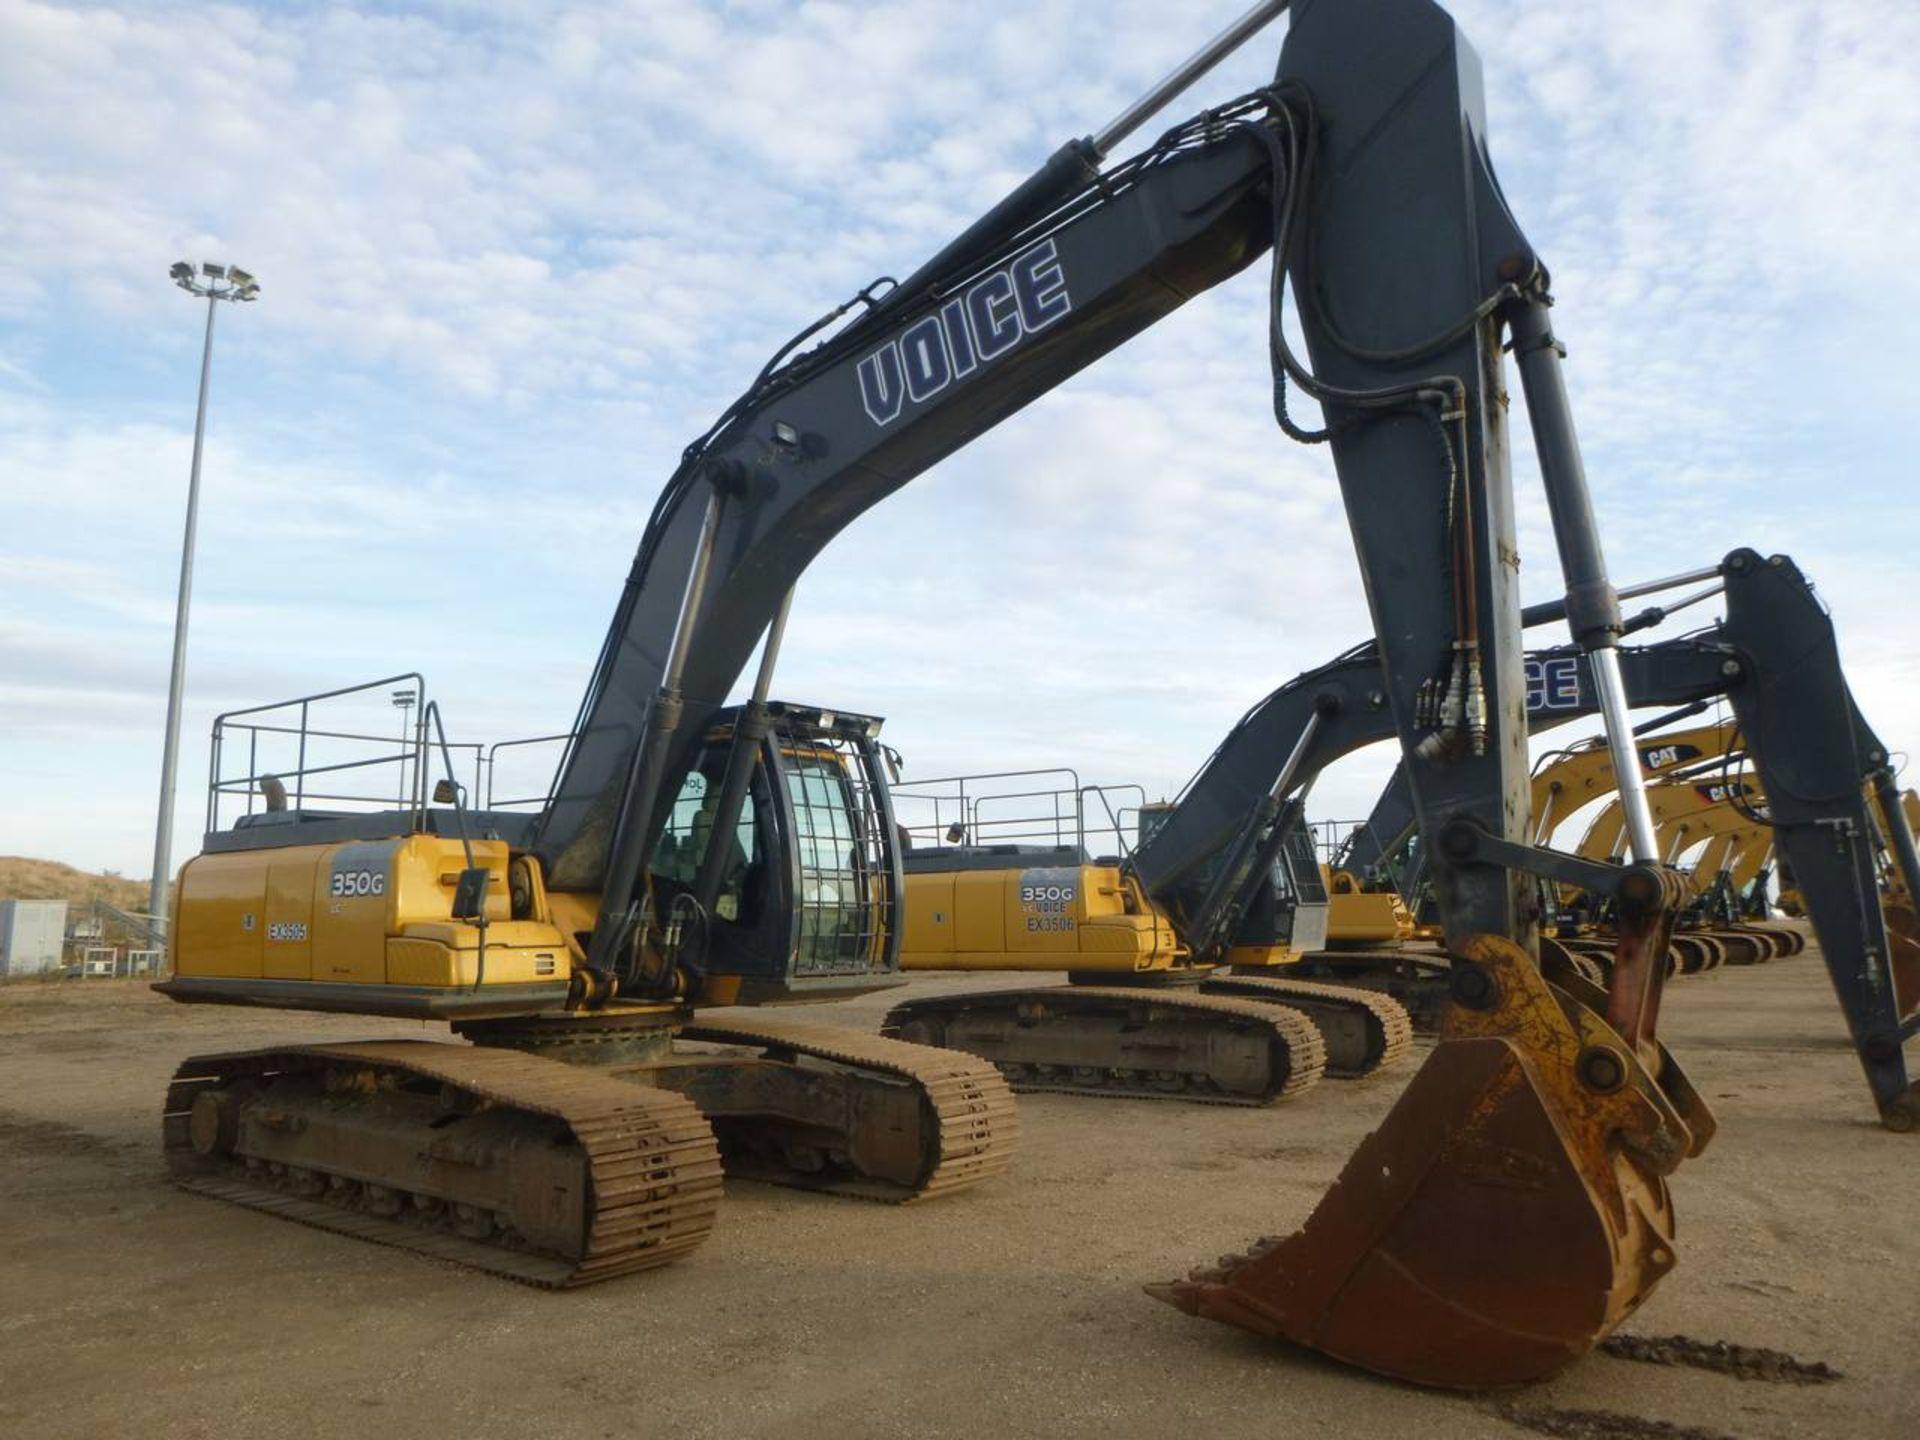 2012 John Deere 350G LC Excavator - Image 2 of 12